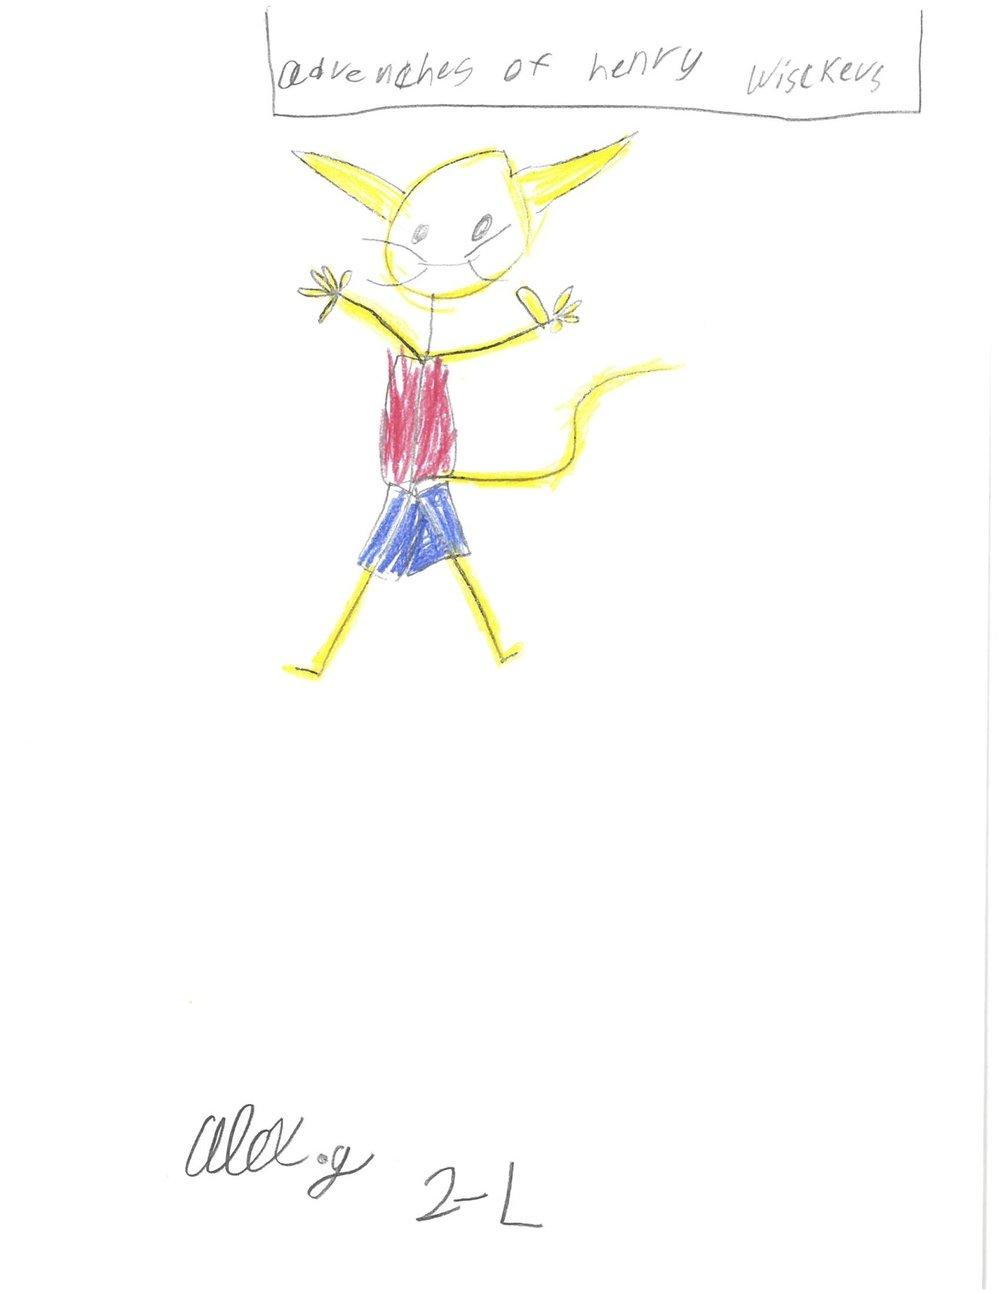 By Alex, 2nd Grade